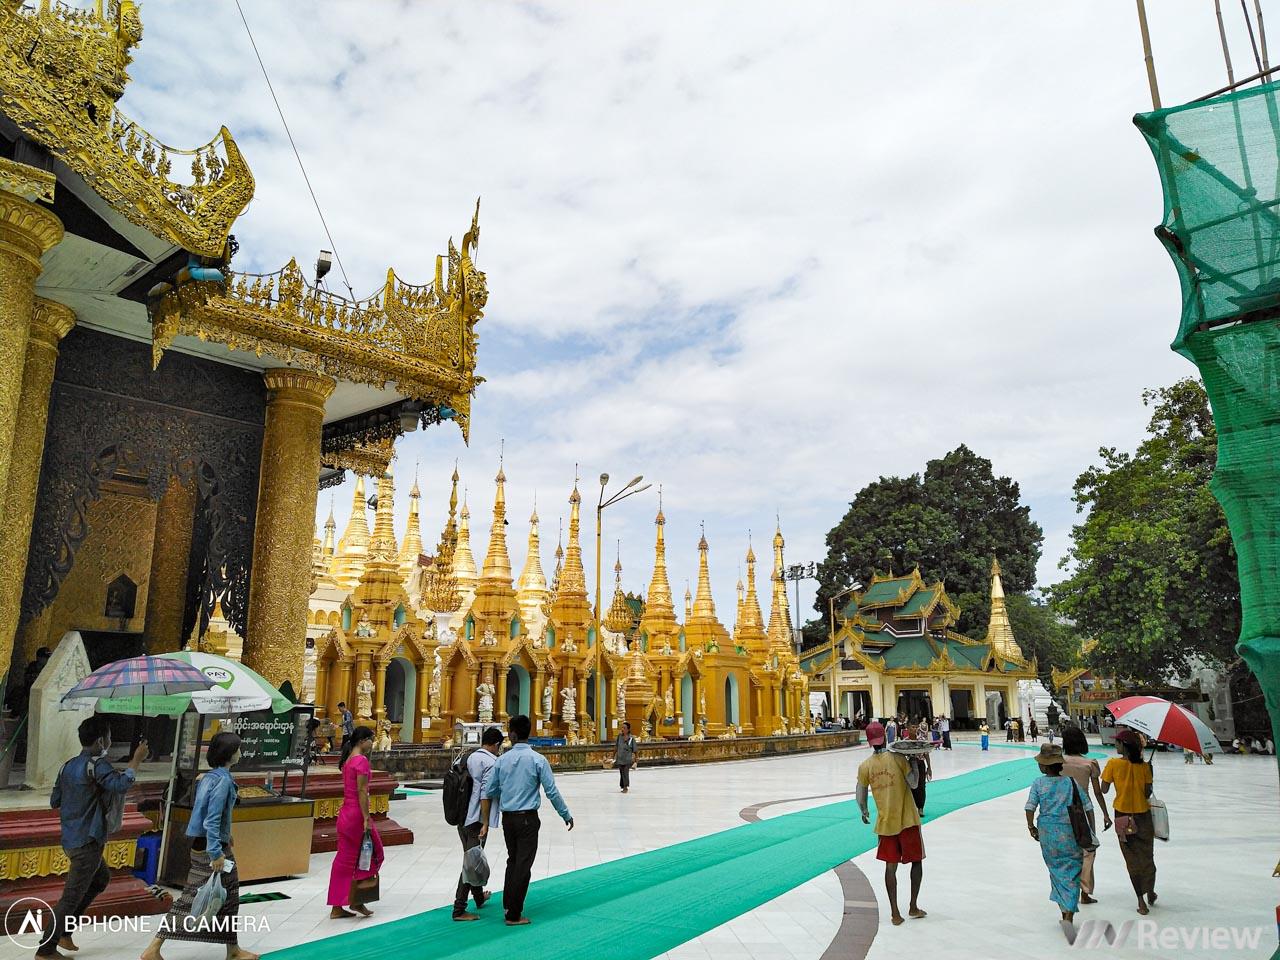 Ngắm ngôi chùa dát 90 tấn vàng ở Myananmar qua ống kính Bphone 3